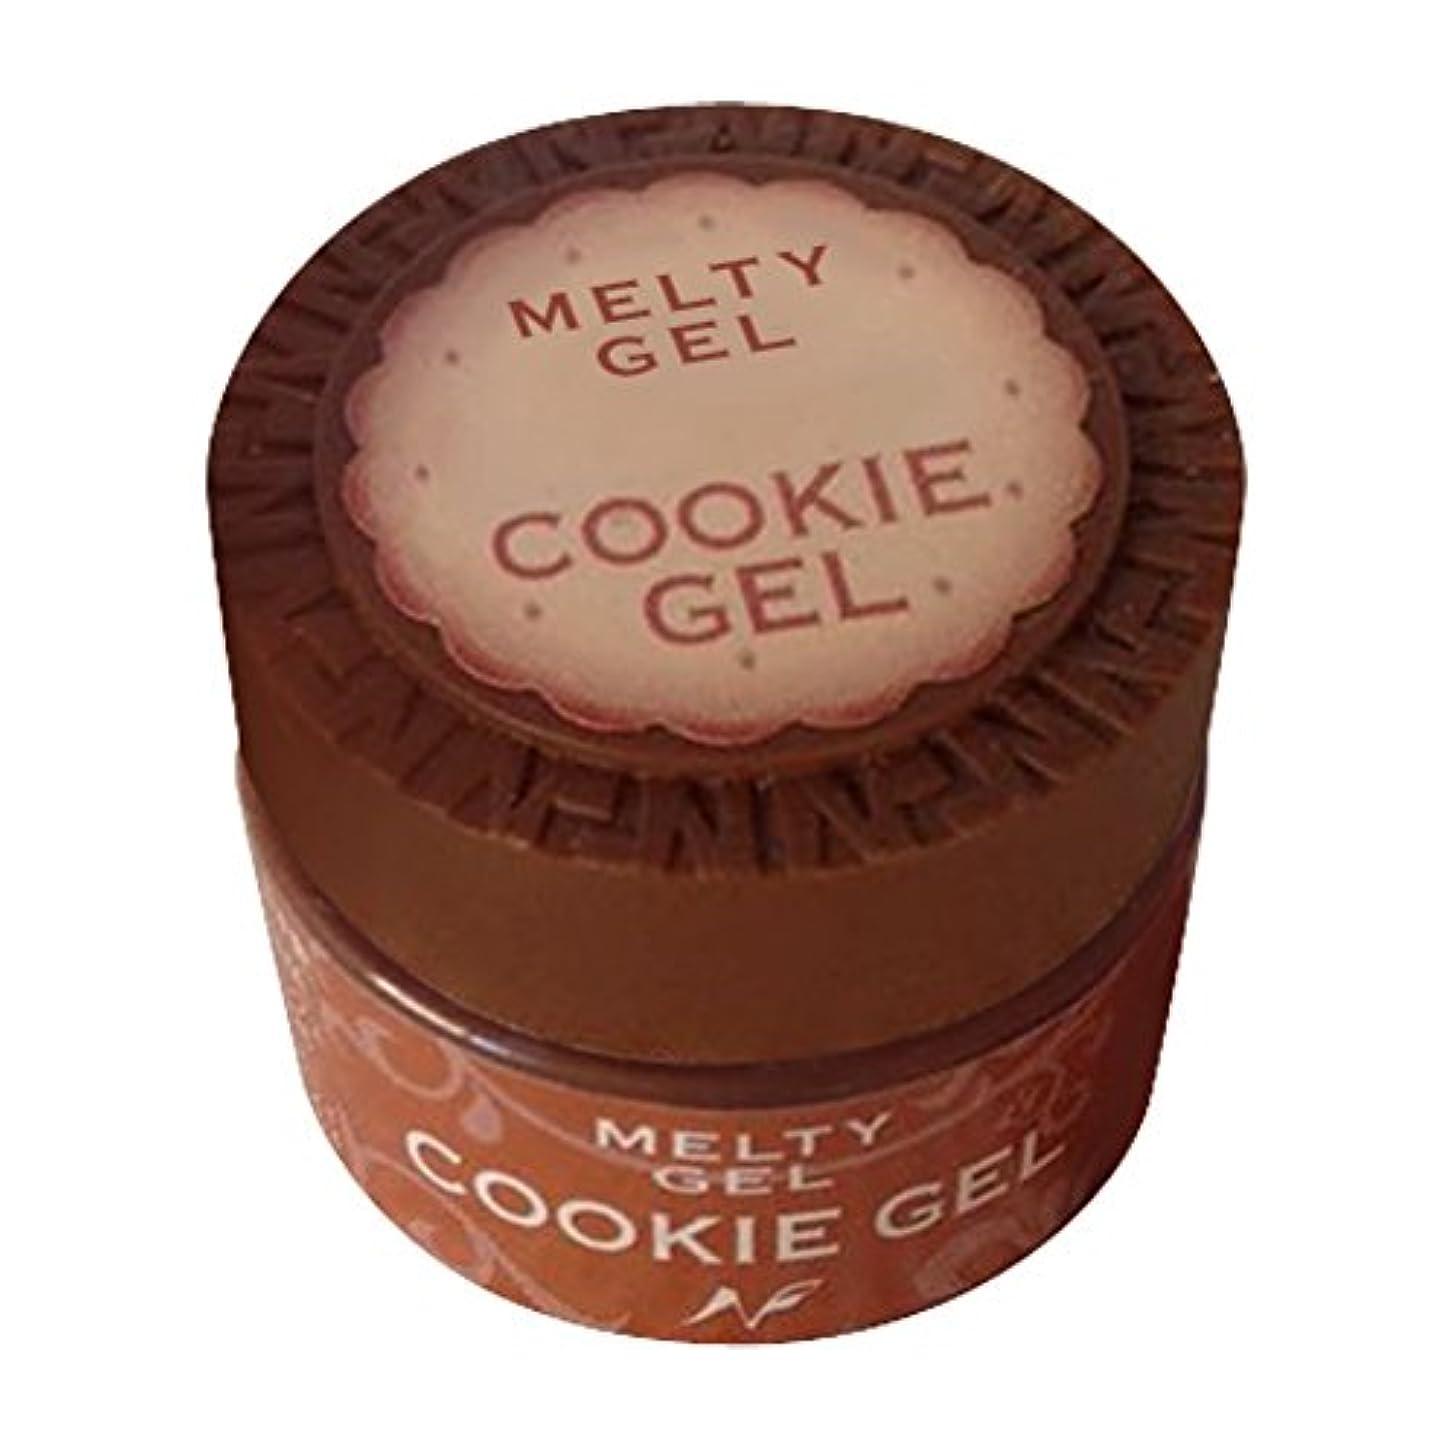 弁護士バンジョーしてはいけませんNatural Field Melty Gel クッキージェル 3905ブラック 5g